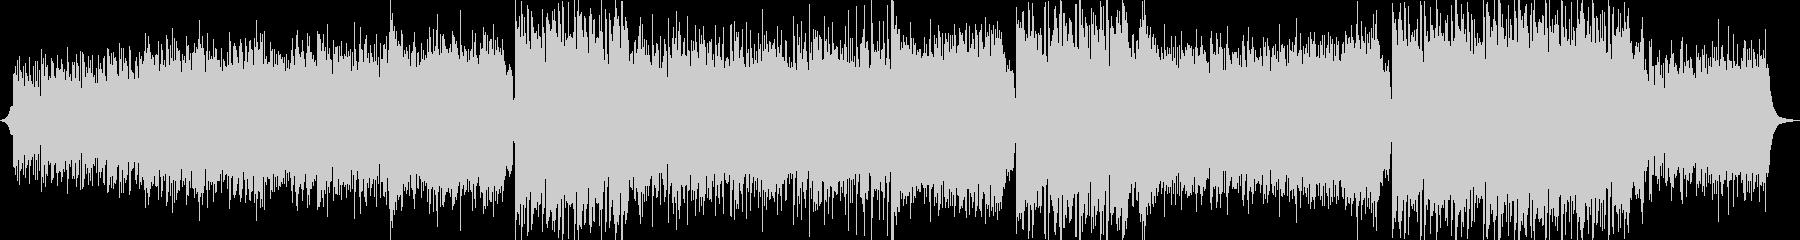 切ない・感動的・エンディング・EDMの未再生の波形